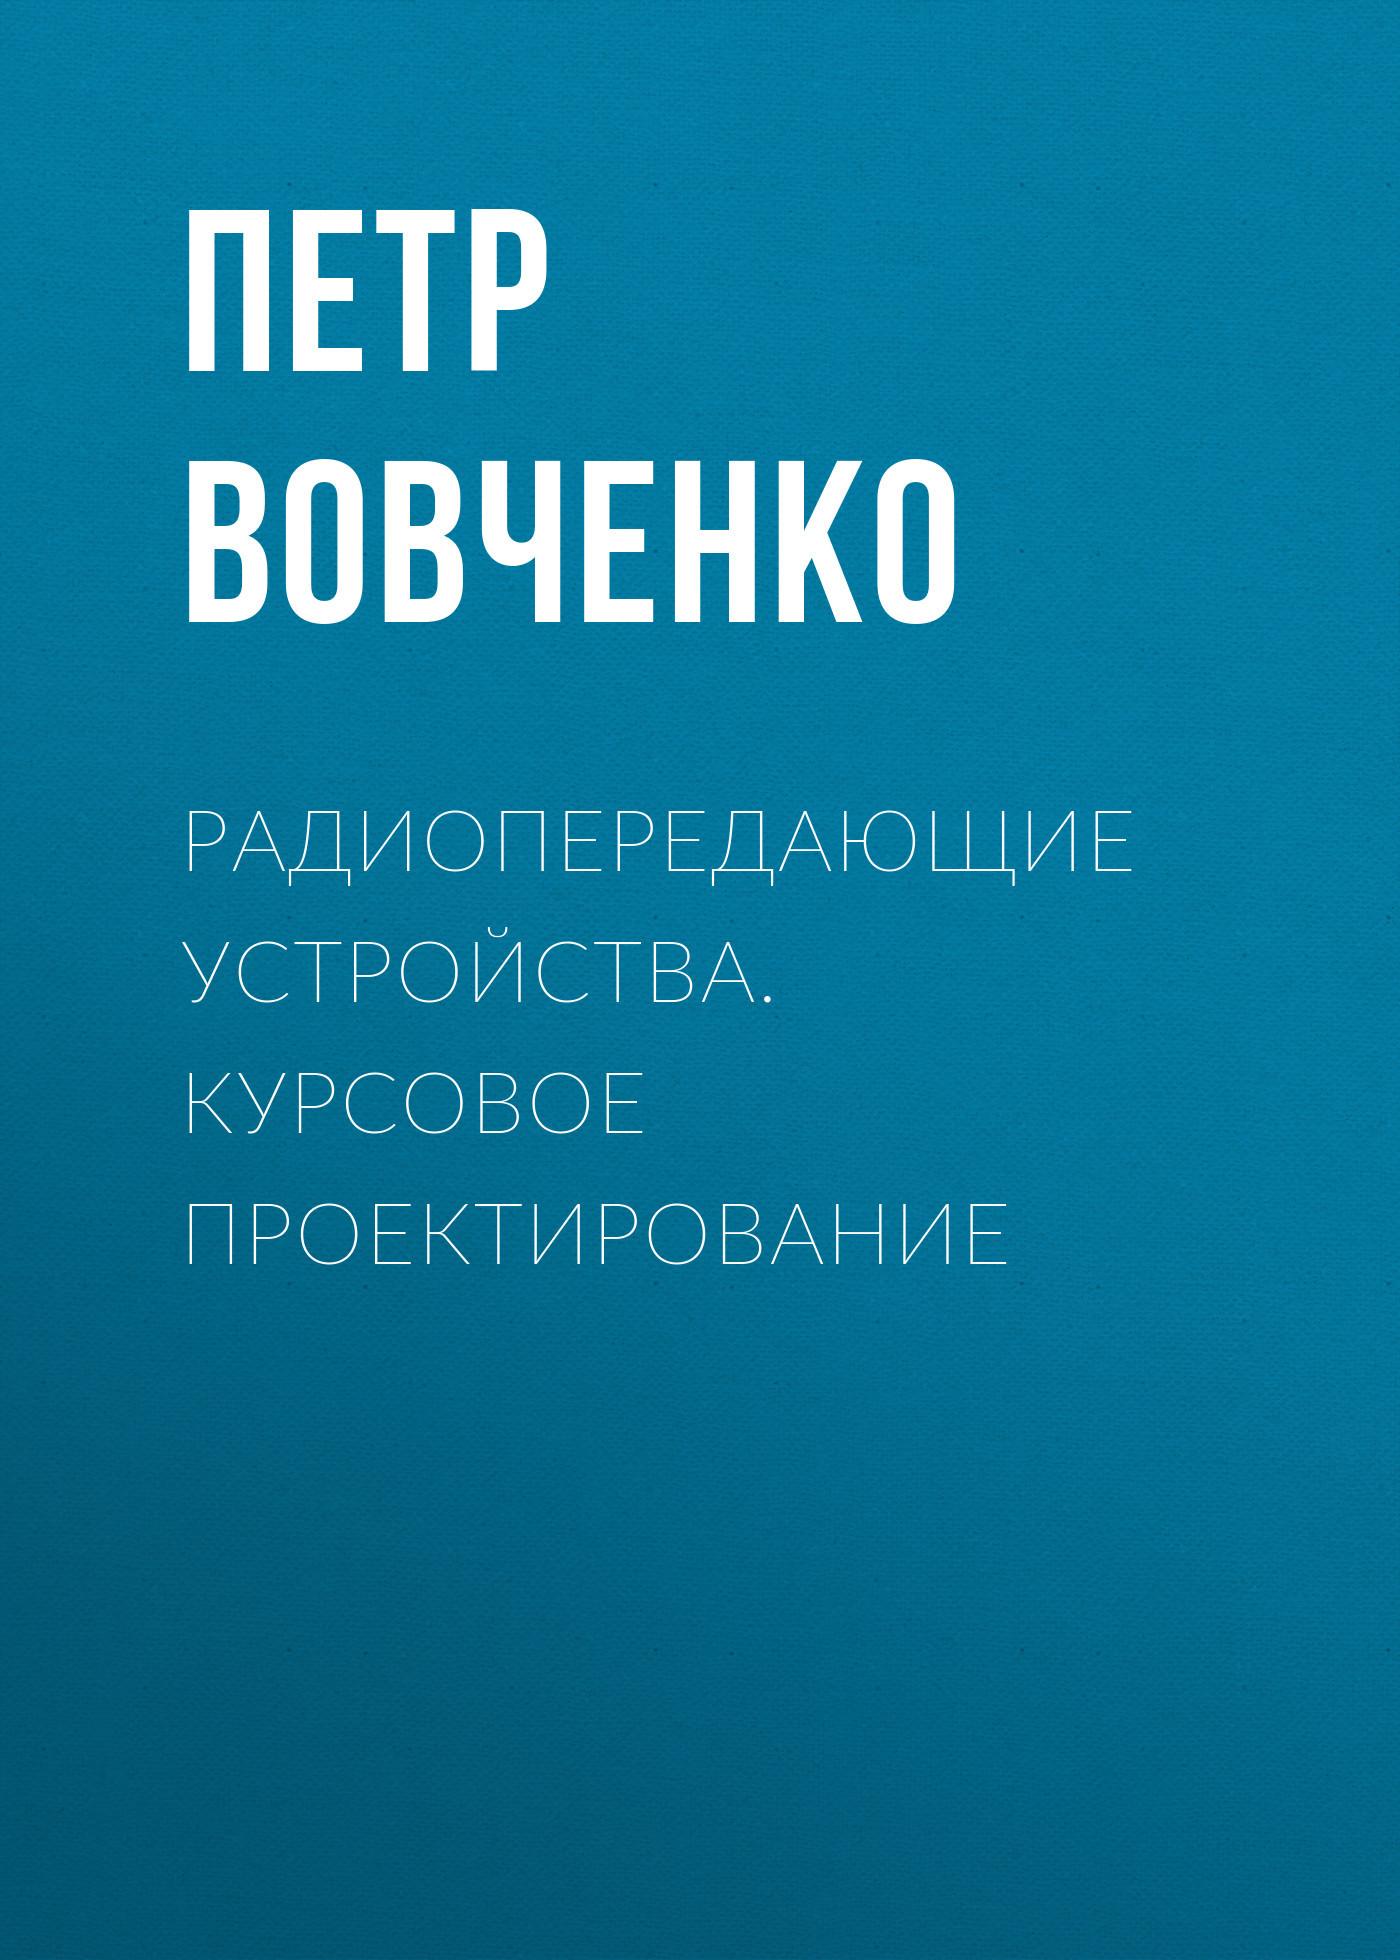 Петр Вовченко Радиопередающие устройства. Курсовое проектирование сотовые системы мобильной радиосвязи учебное пособие